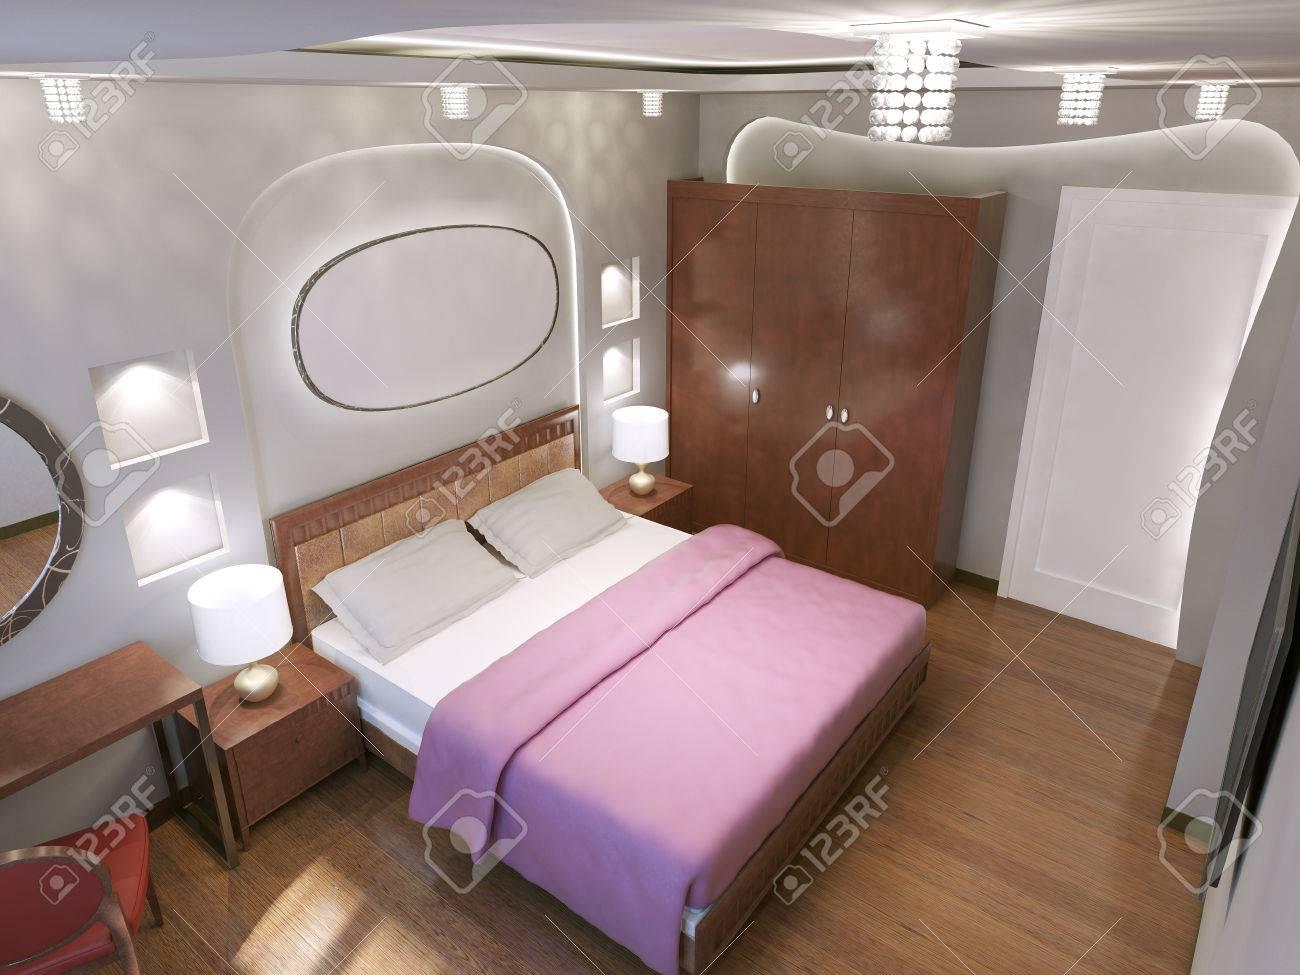 Eclectic Schlafzimmer Trend Der Haupt Kontrast Zwischen Weissen Und